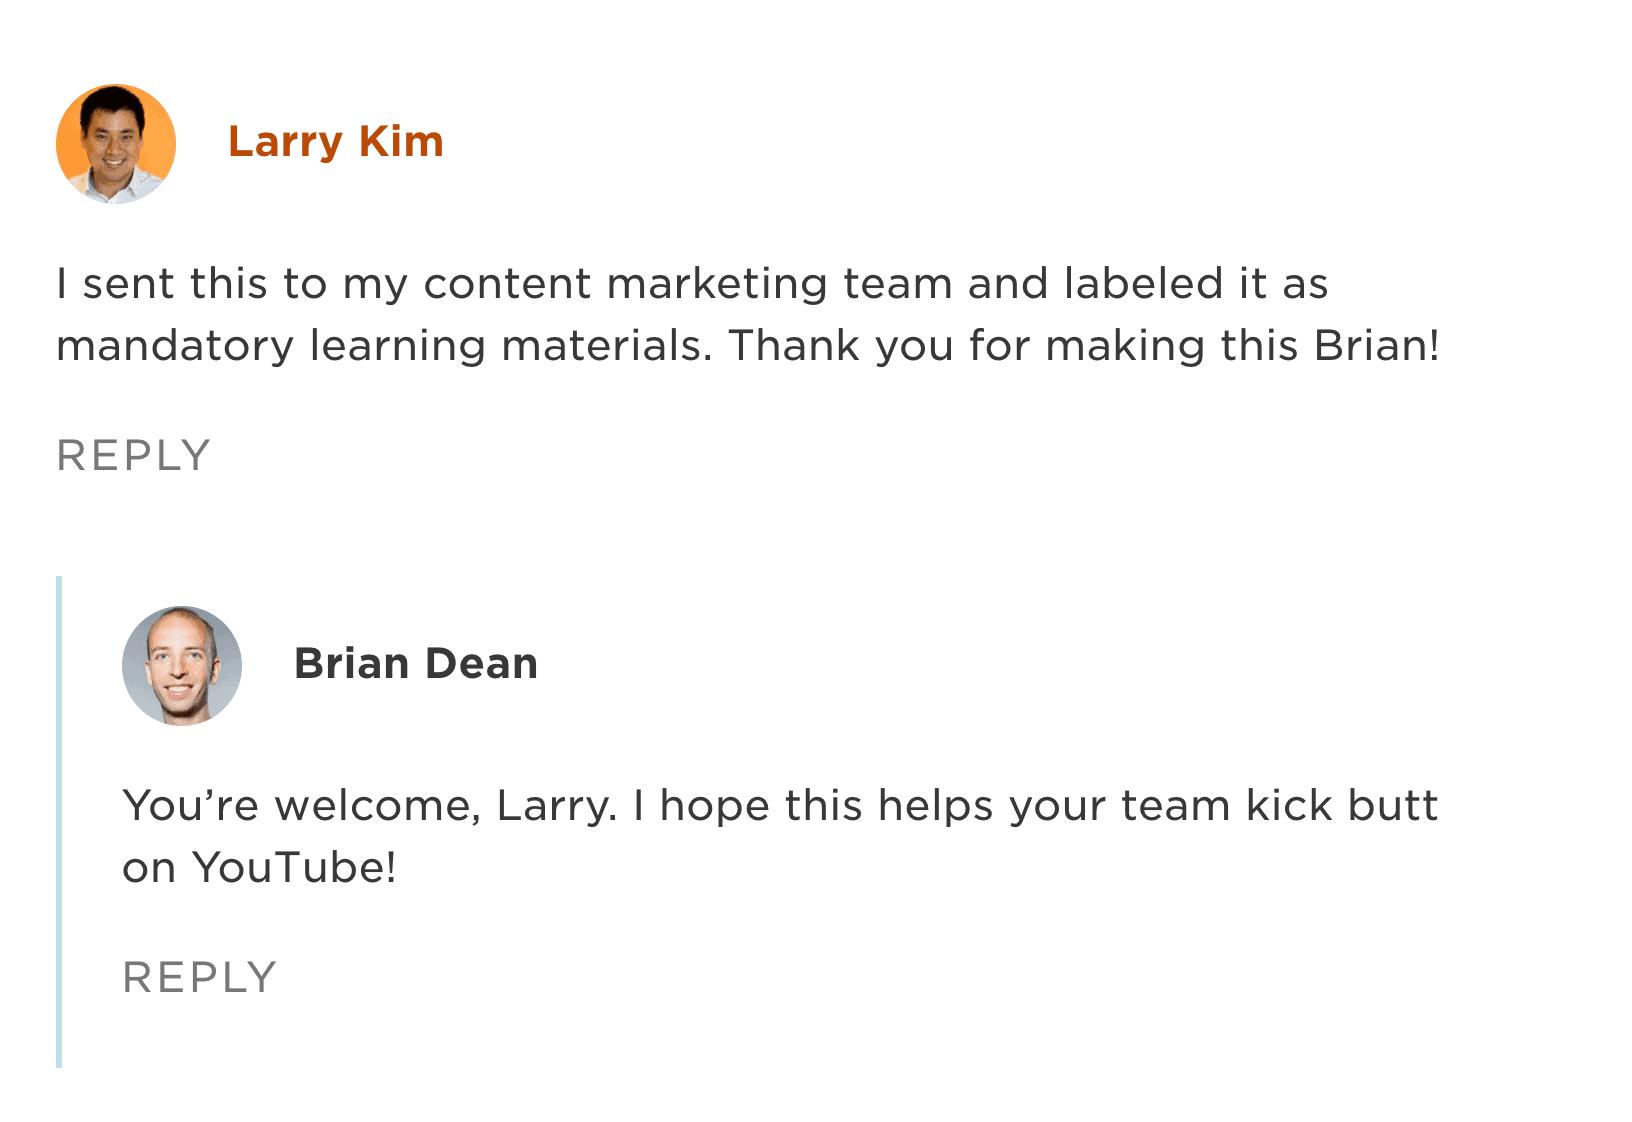 Larry Kim Backlinko comment